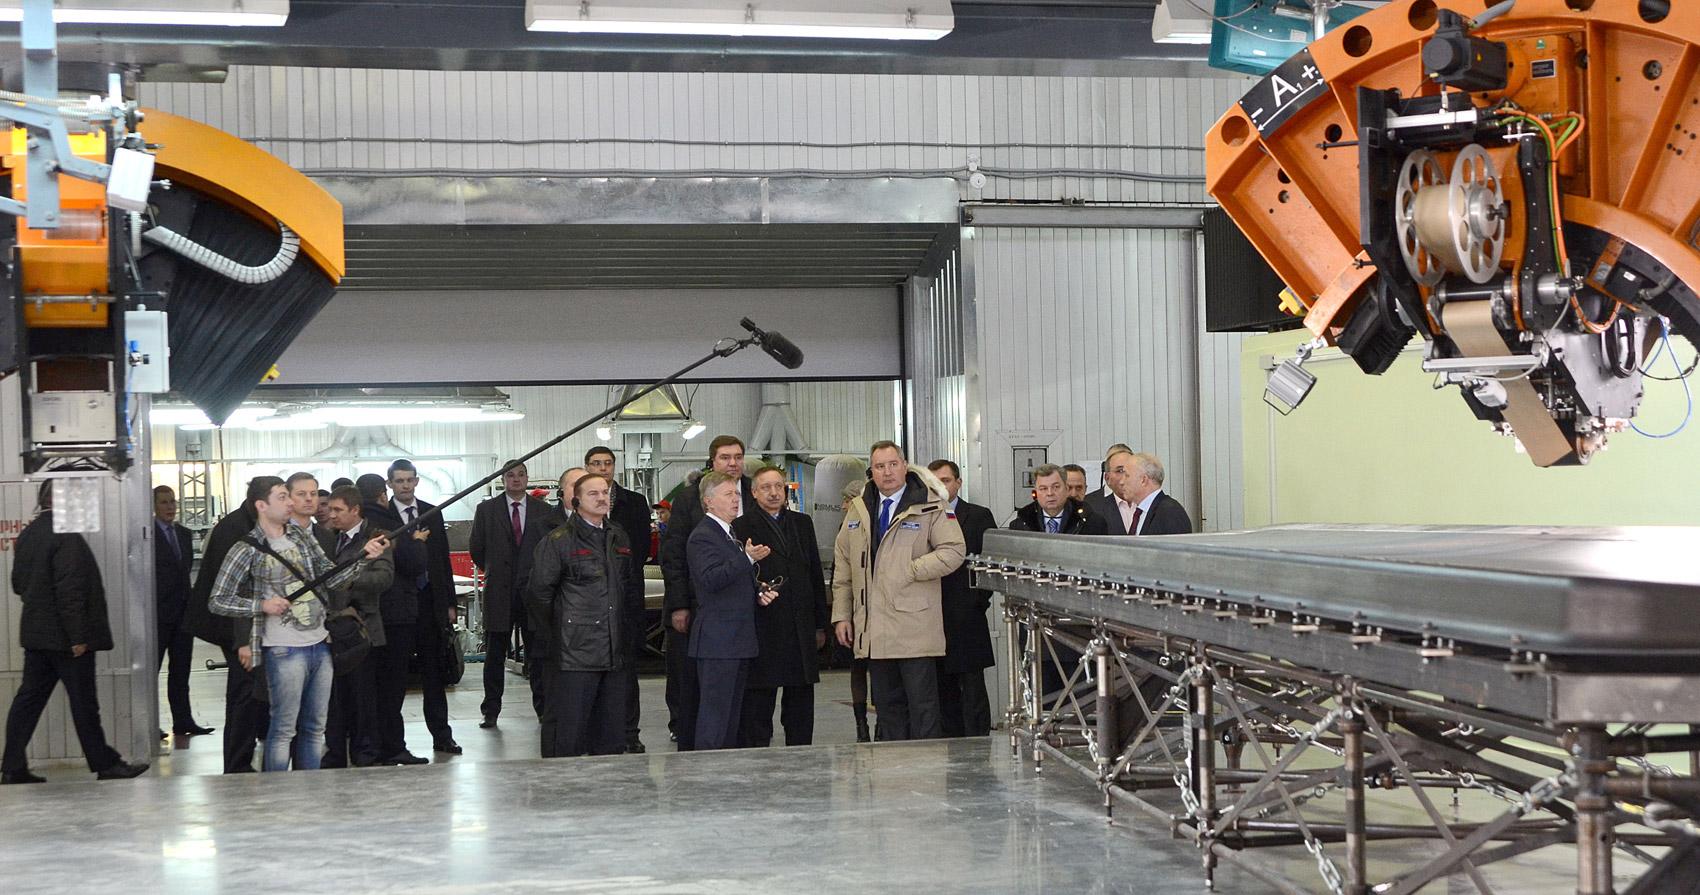 Дмитрий Рогозин посетил обнинское предприятие «Технология» холдинга «РТ-Химкомпозит».